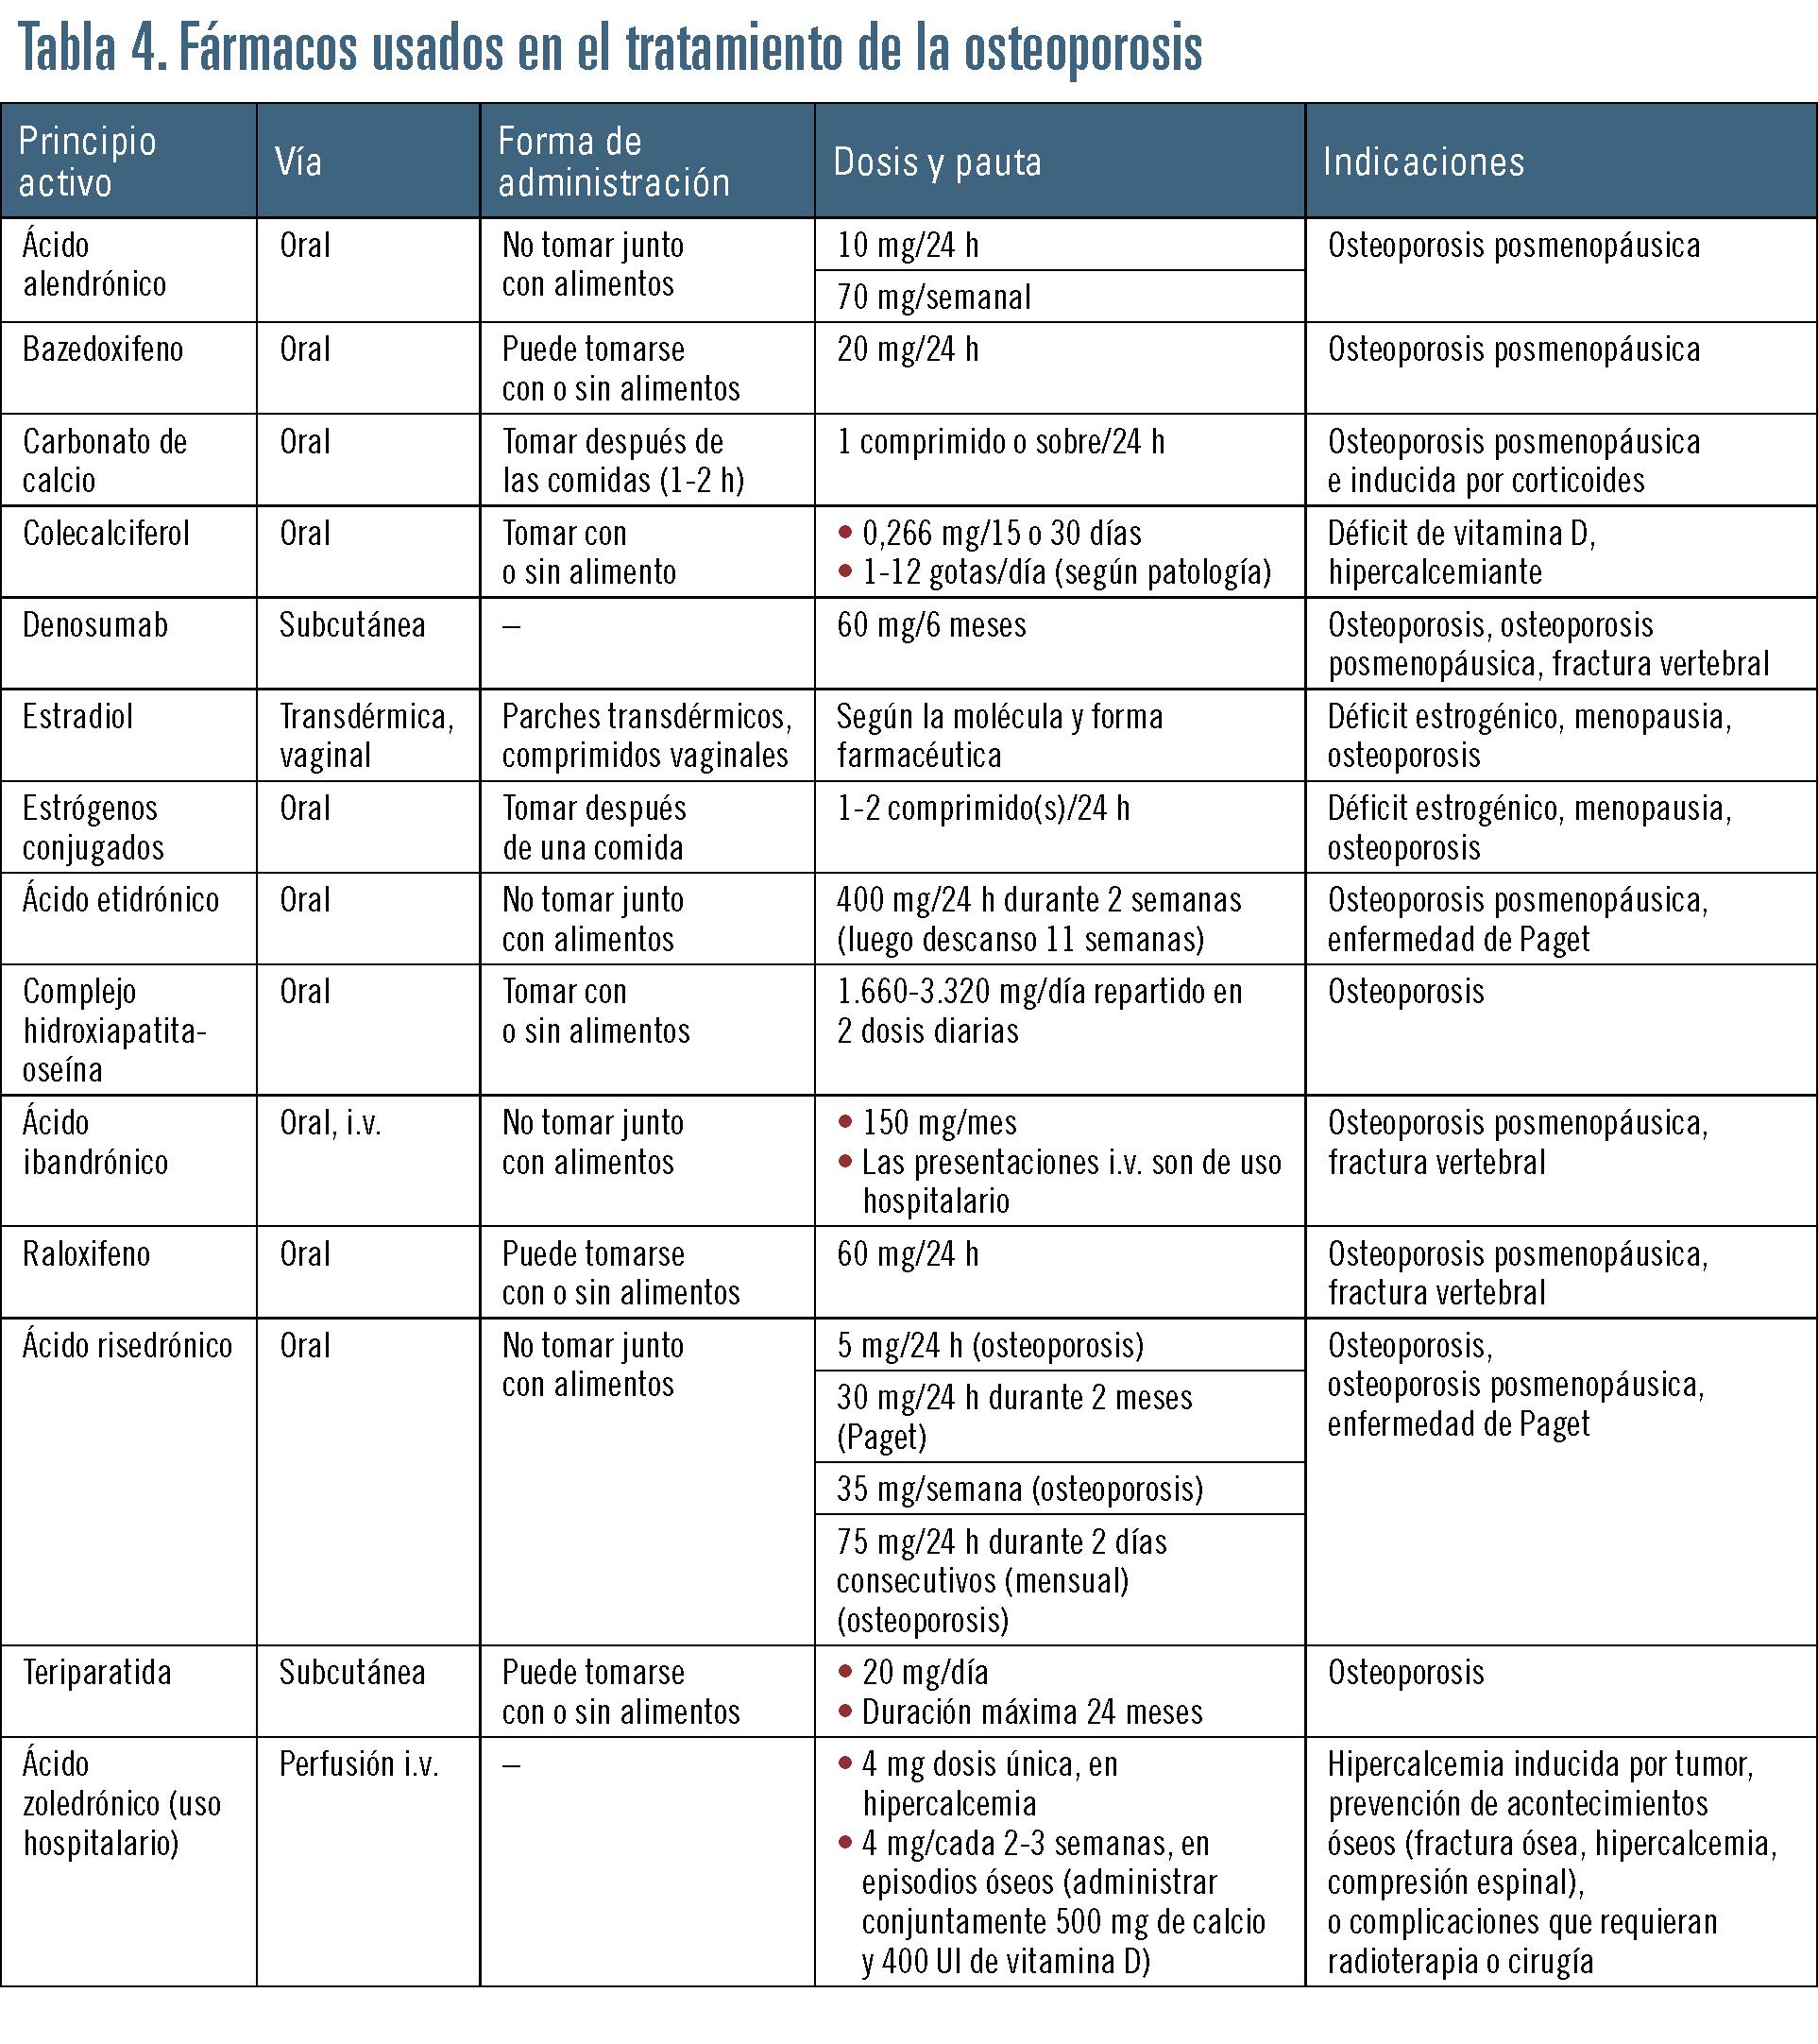 40 EF568 CURSO TEMA 10 tabla 4